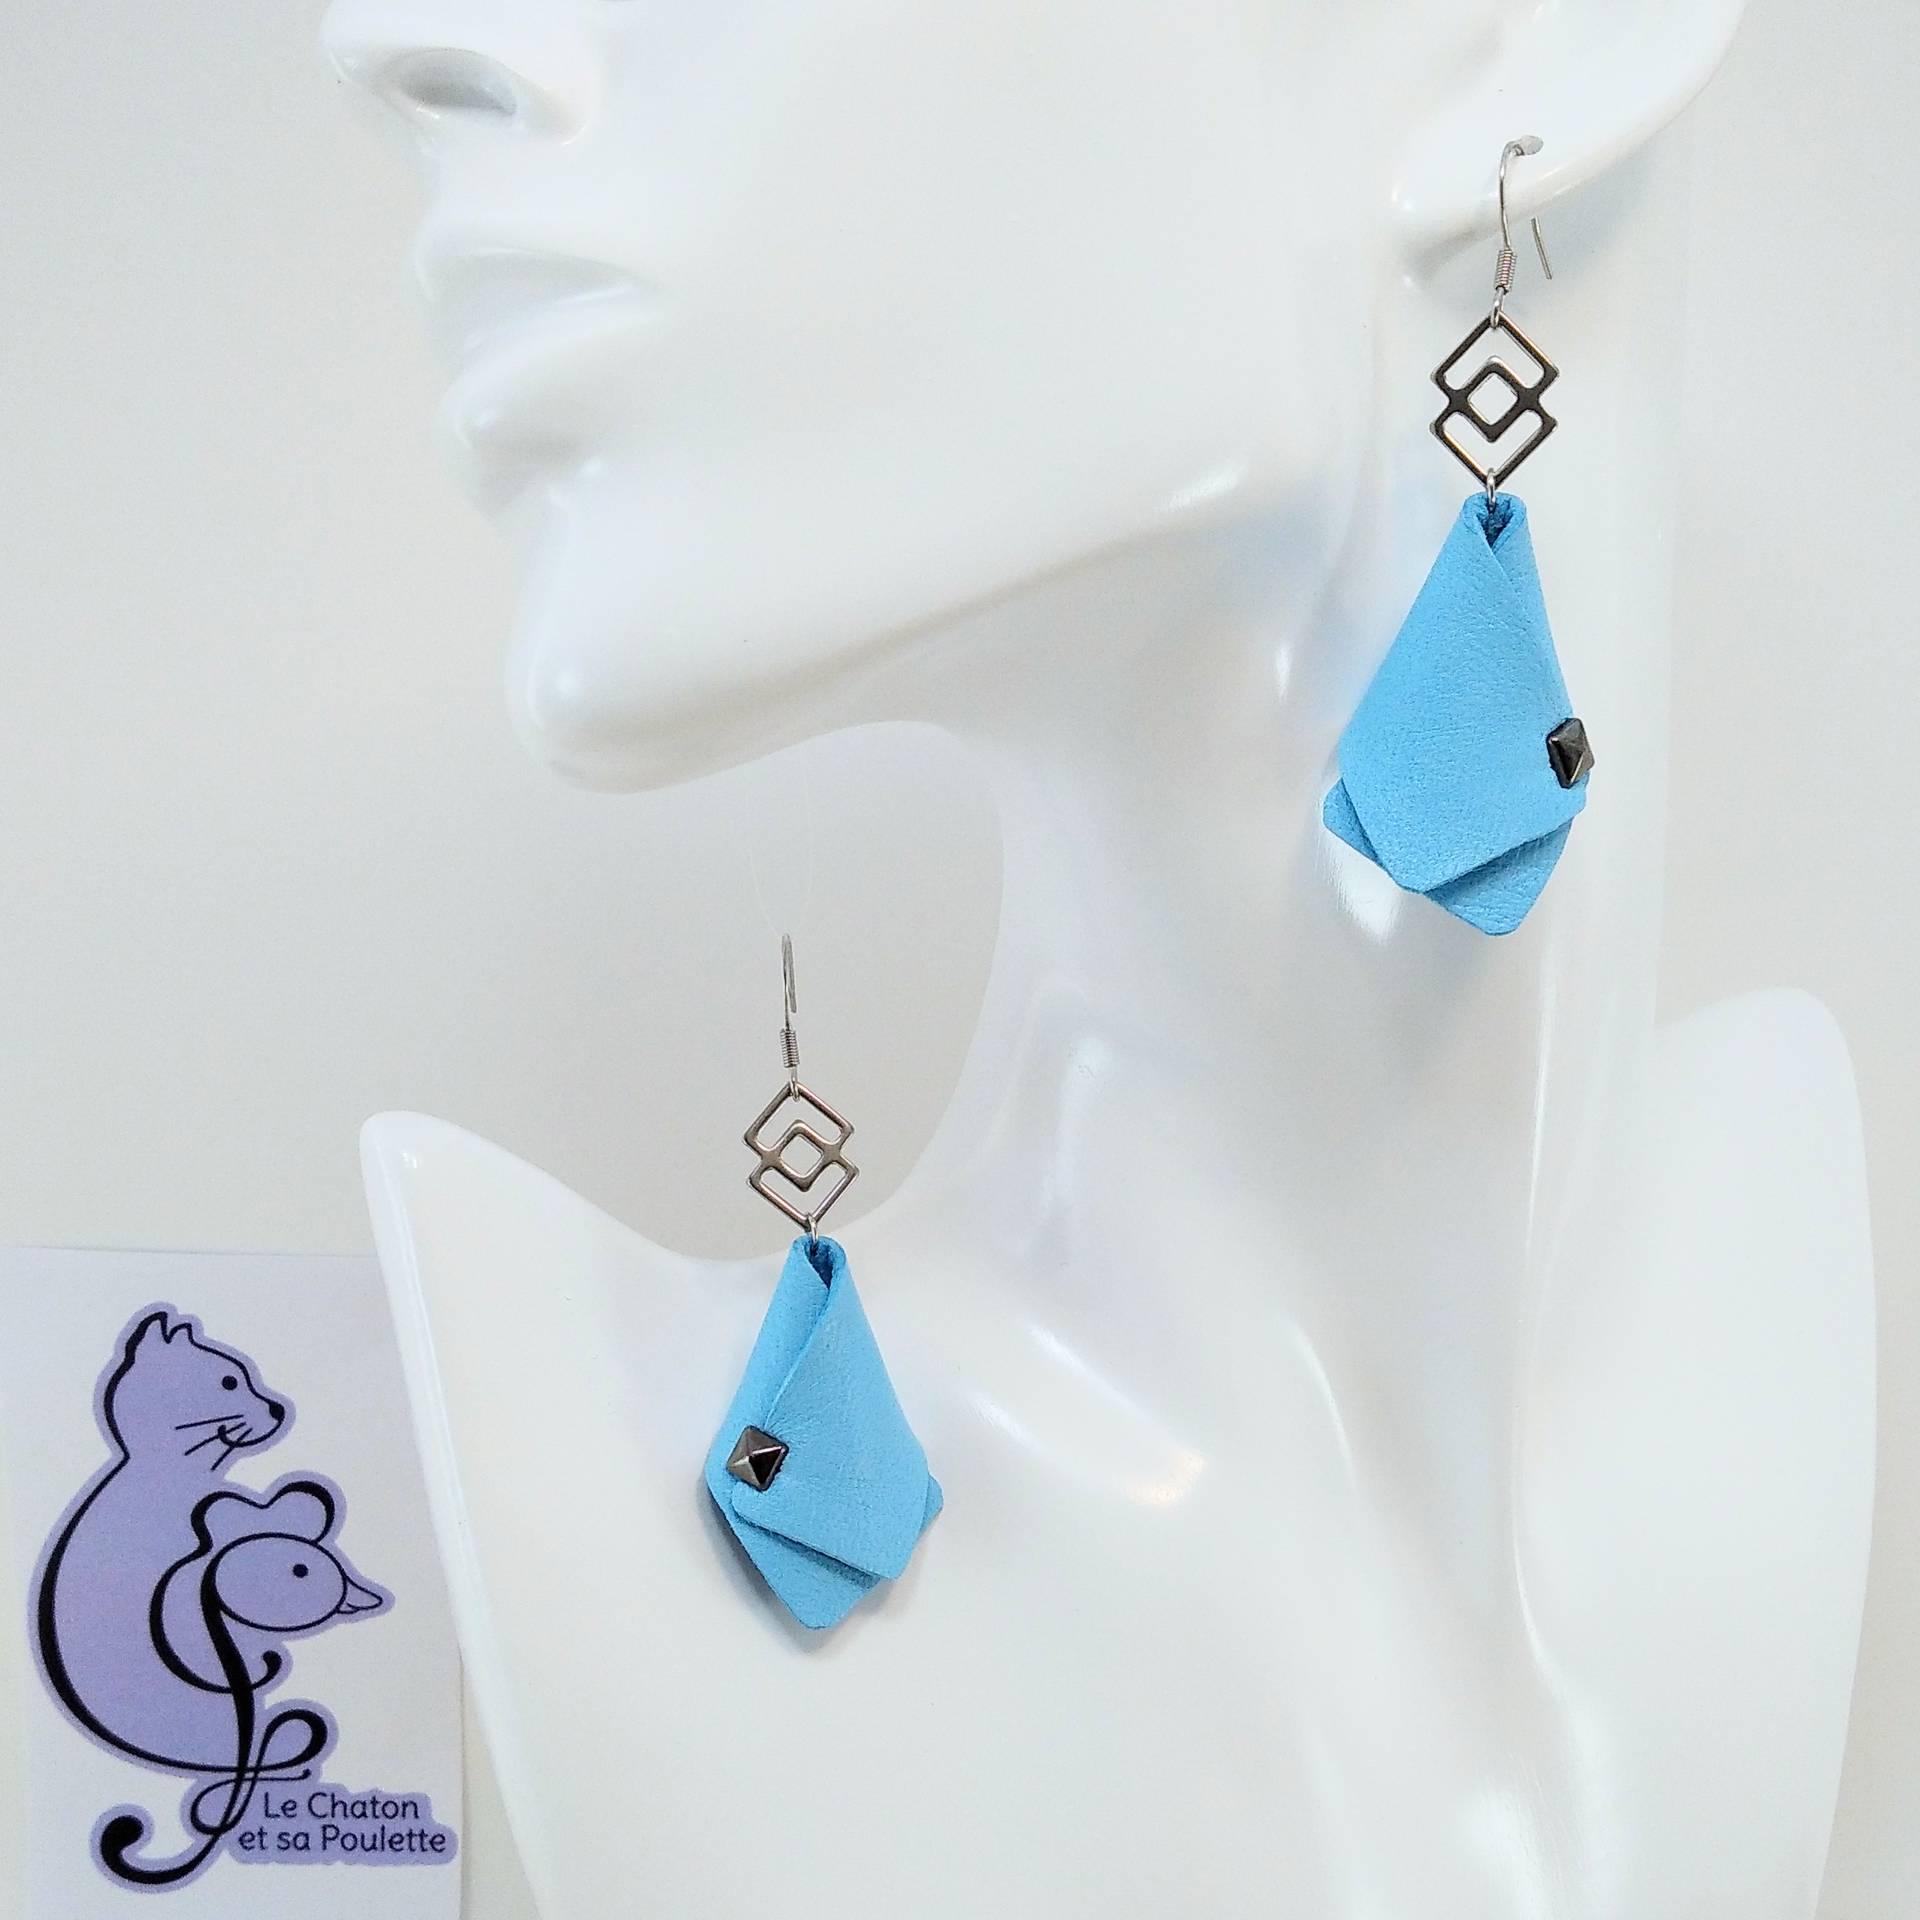 BO FORMIDABLE modèle VAL Cuir bleu azur, breloque inox carrés entrelacés et carré diamant laiton noir